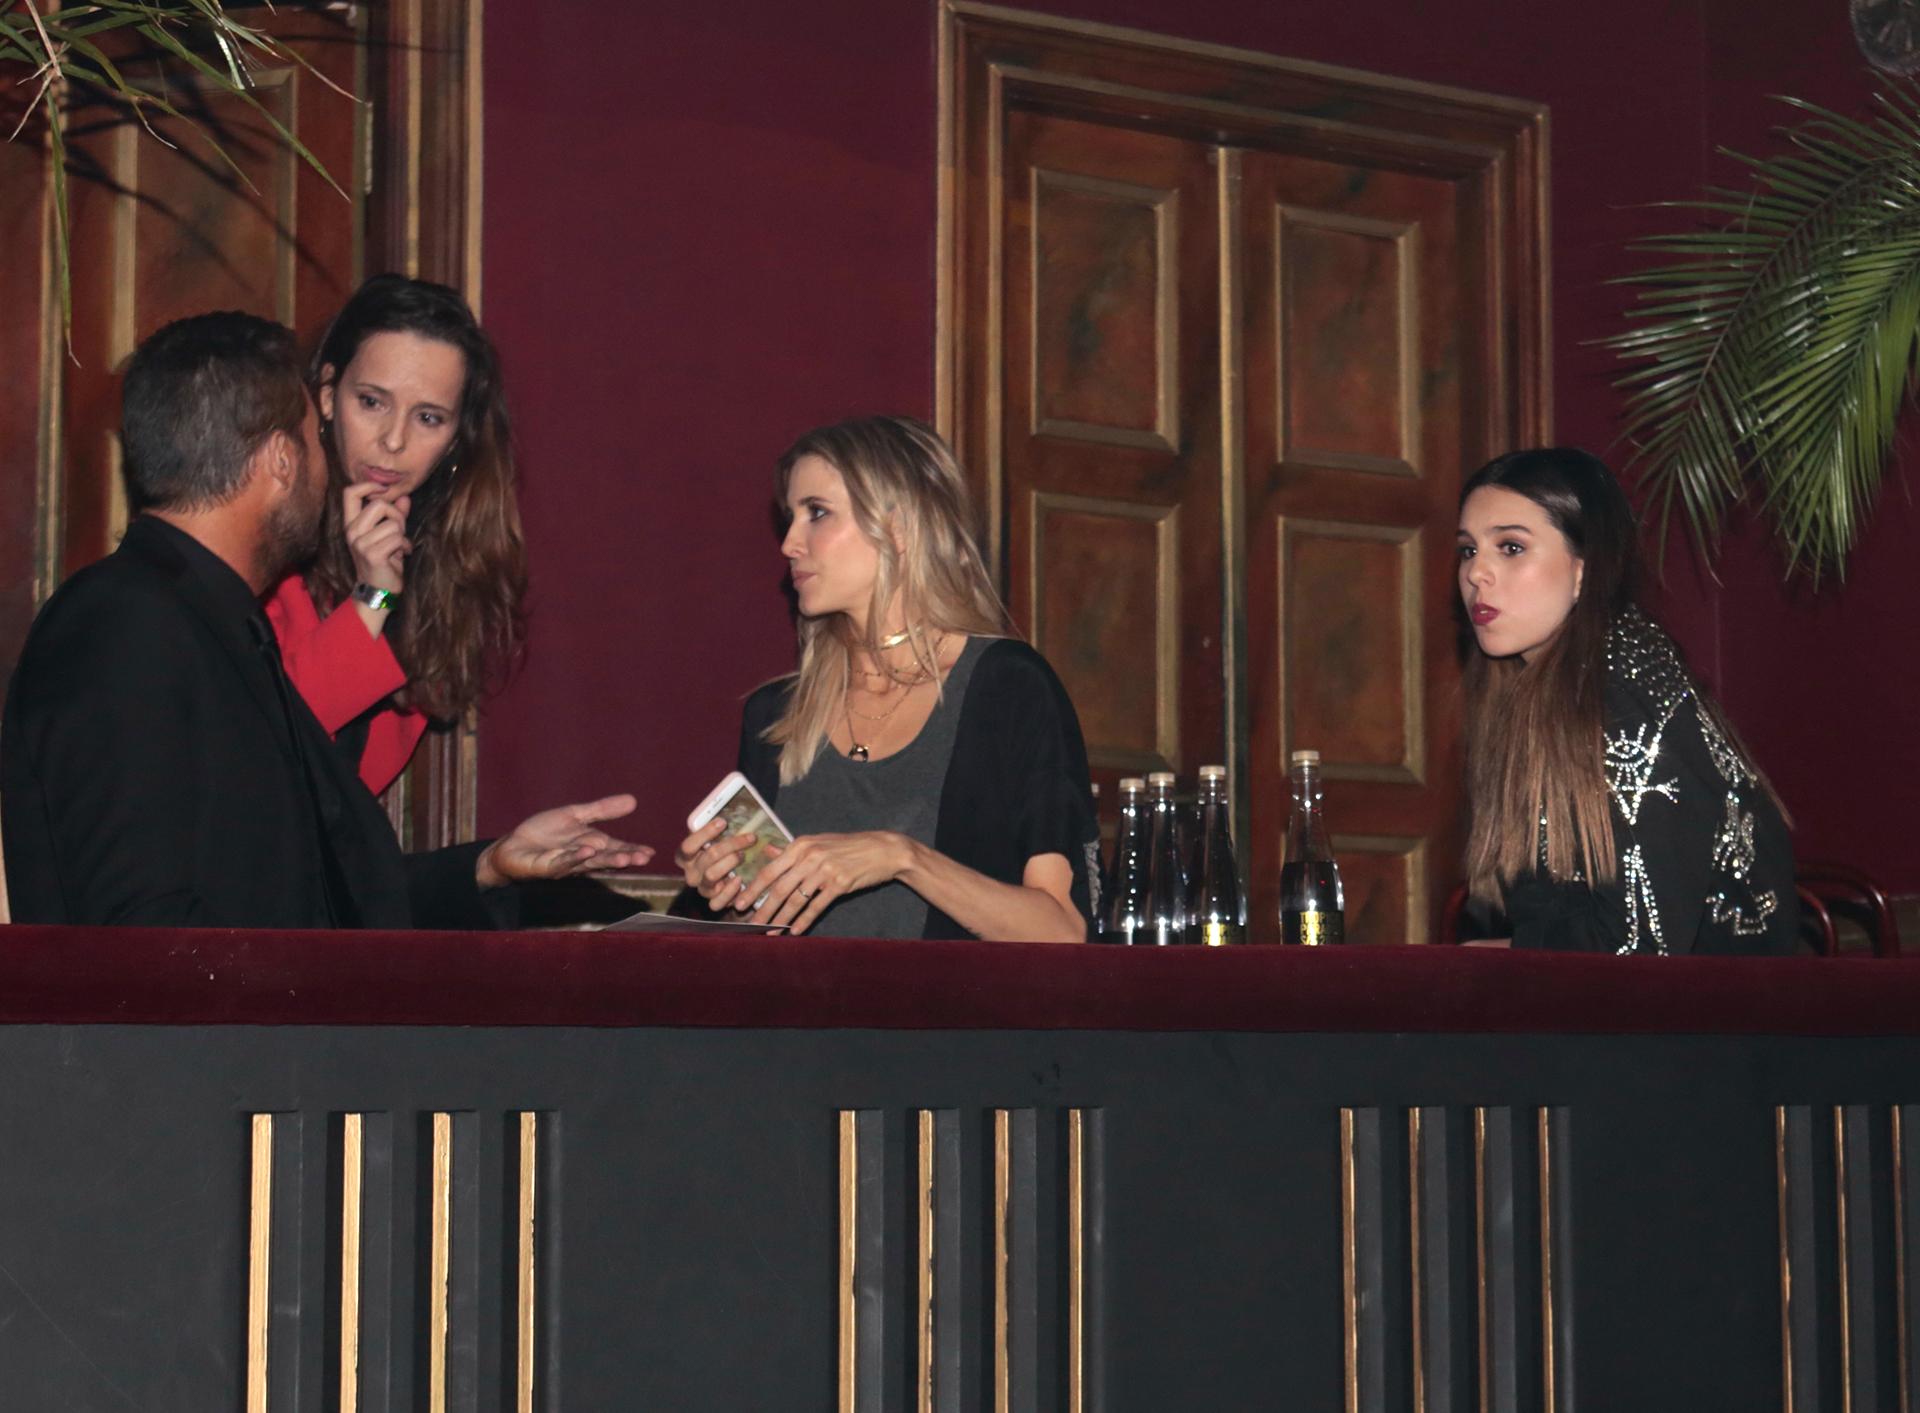 Palco VIP: Marcelo Tinelli, Guillermina Valdes y Juana Tinelli se ubicaron en uno de los palcos del primer piso del Teatro Astral